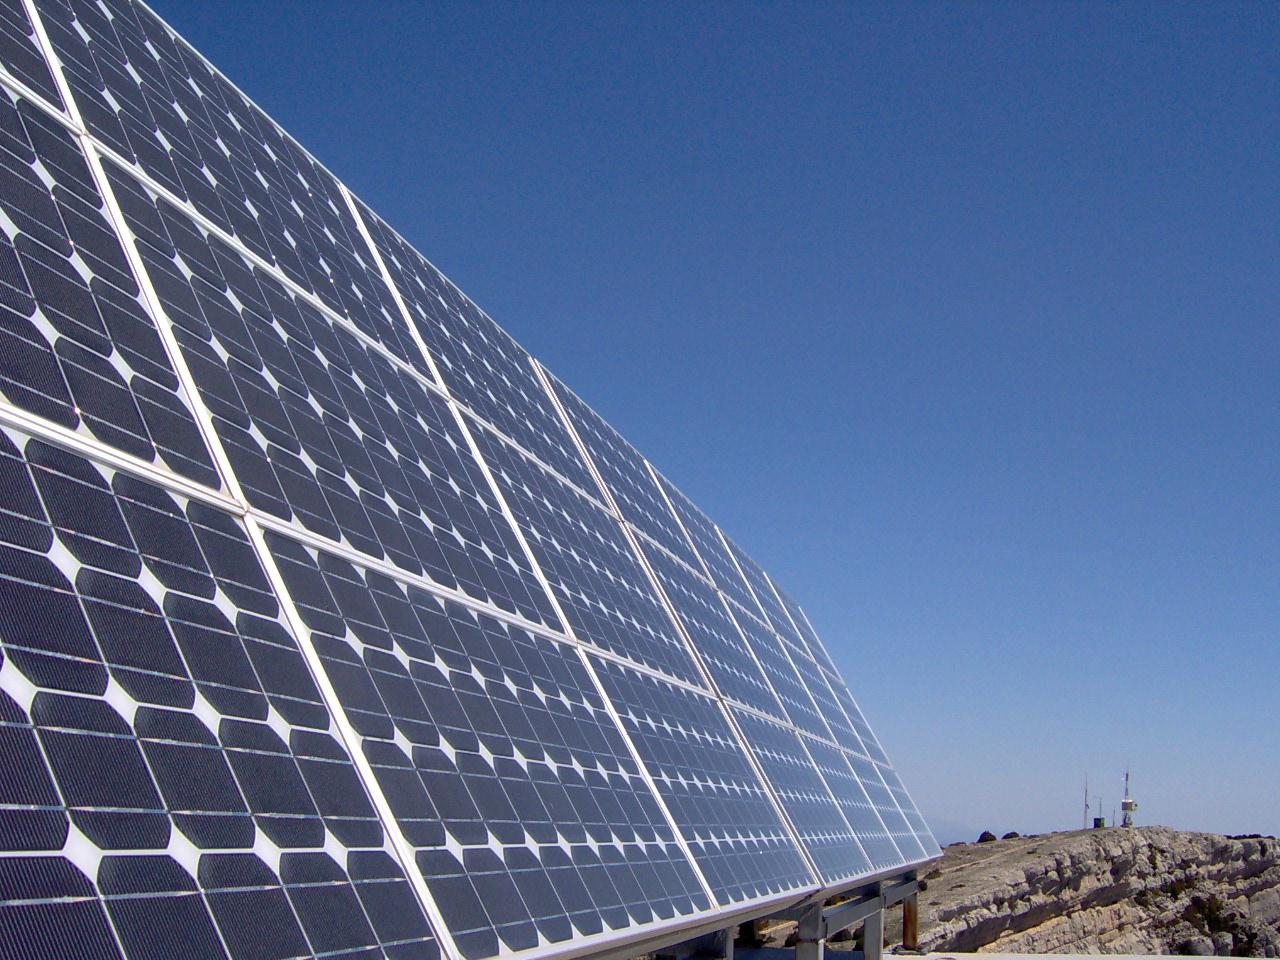 Energia Sustentável: Comissão do Senado aprova isenção de impostos para painéis de energia solar